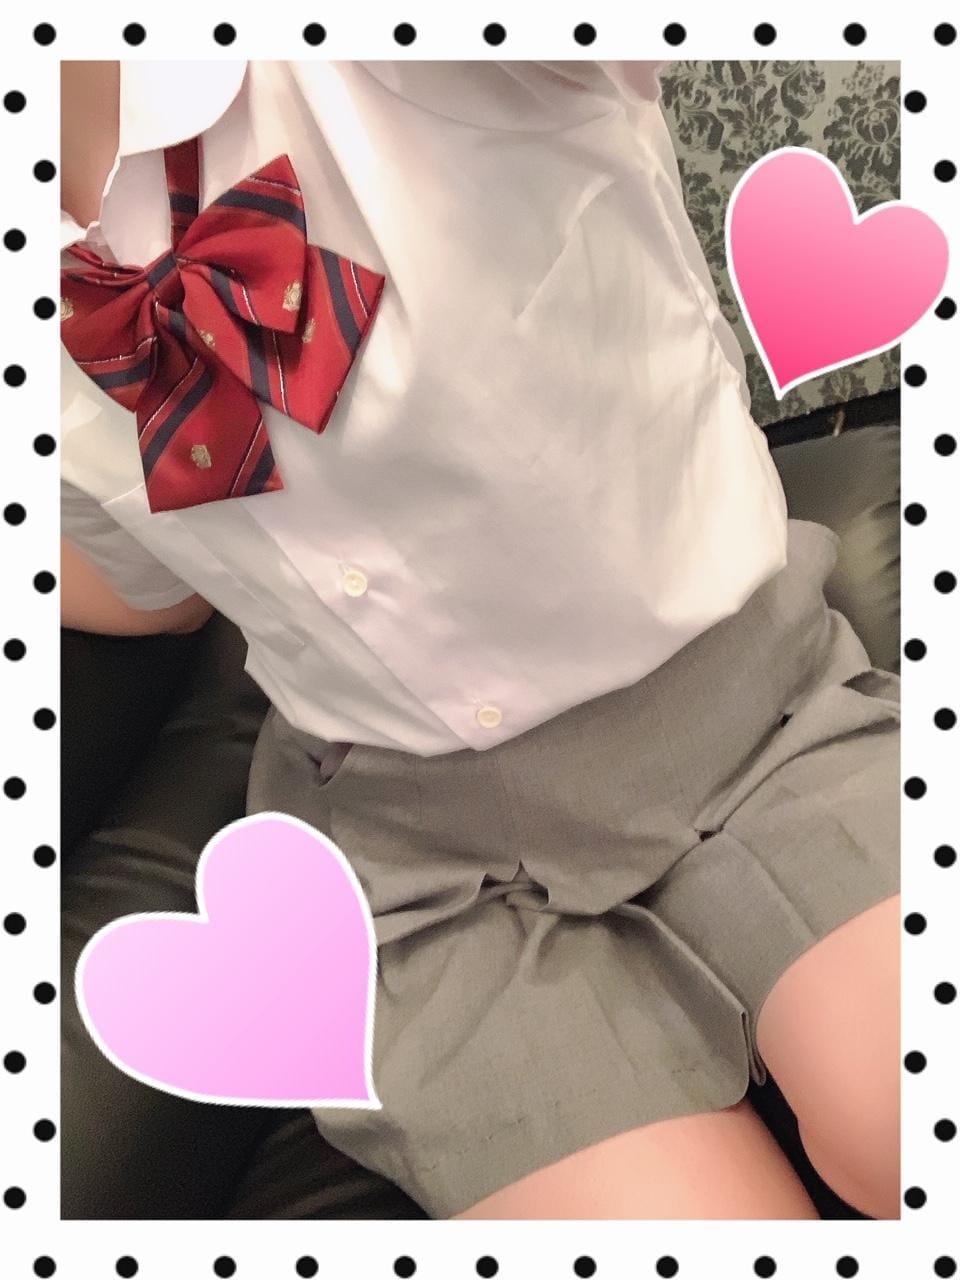 「日曜日っ」12/06(12/06) 11:12   えなの写メ・風俗動画